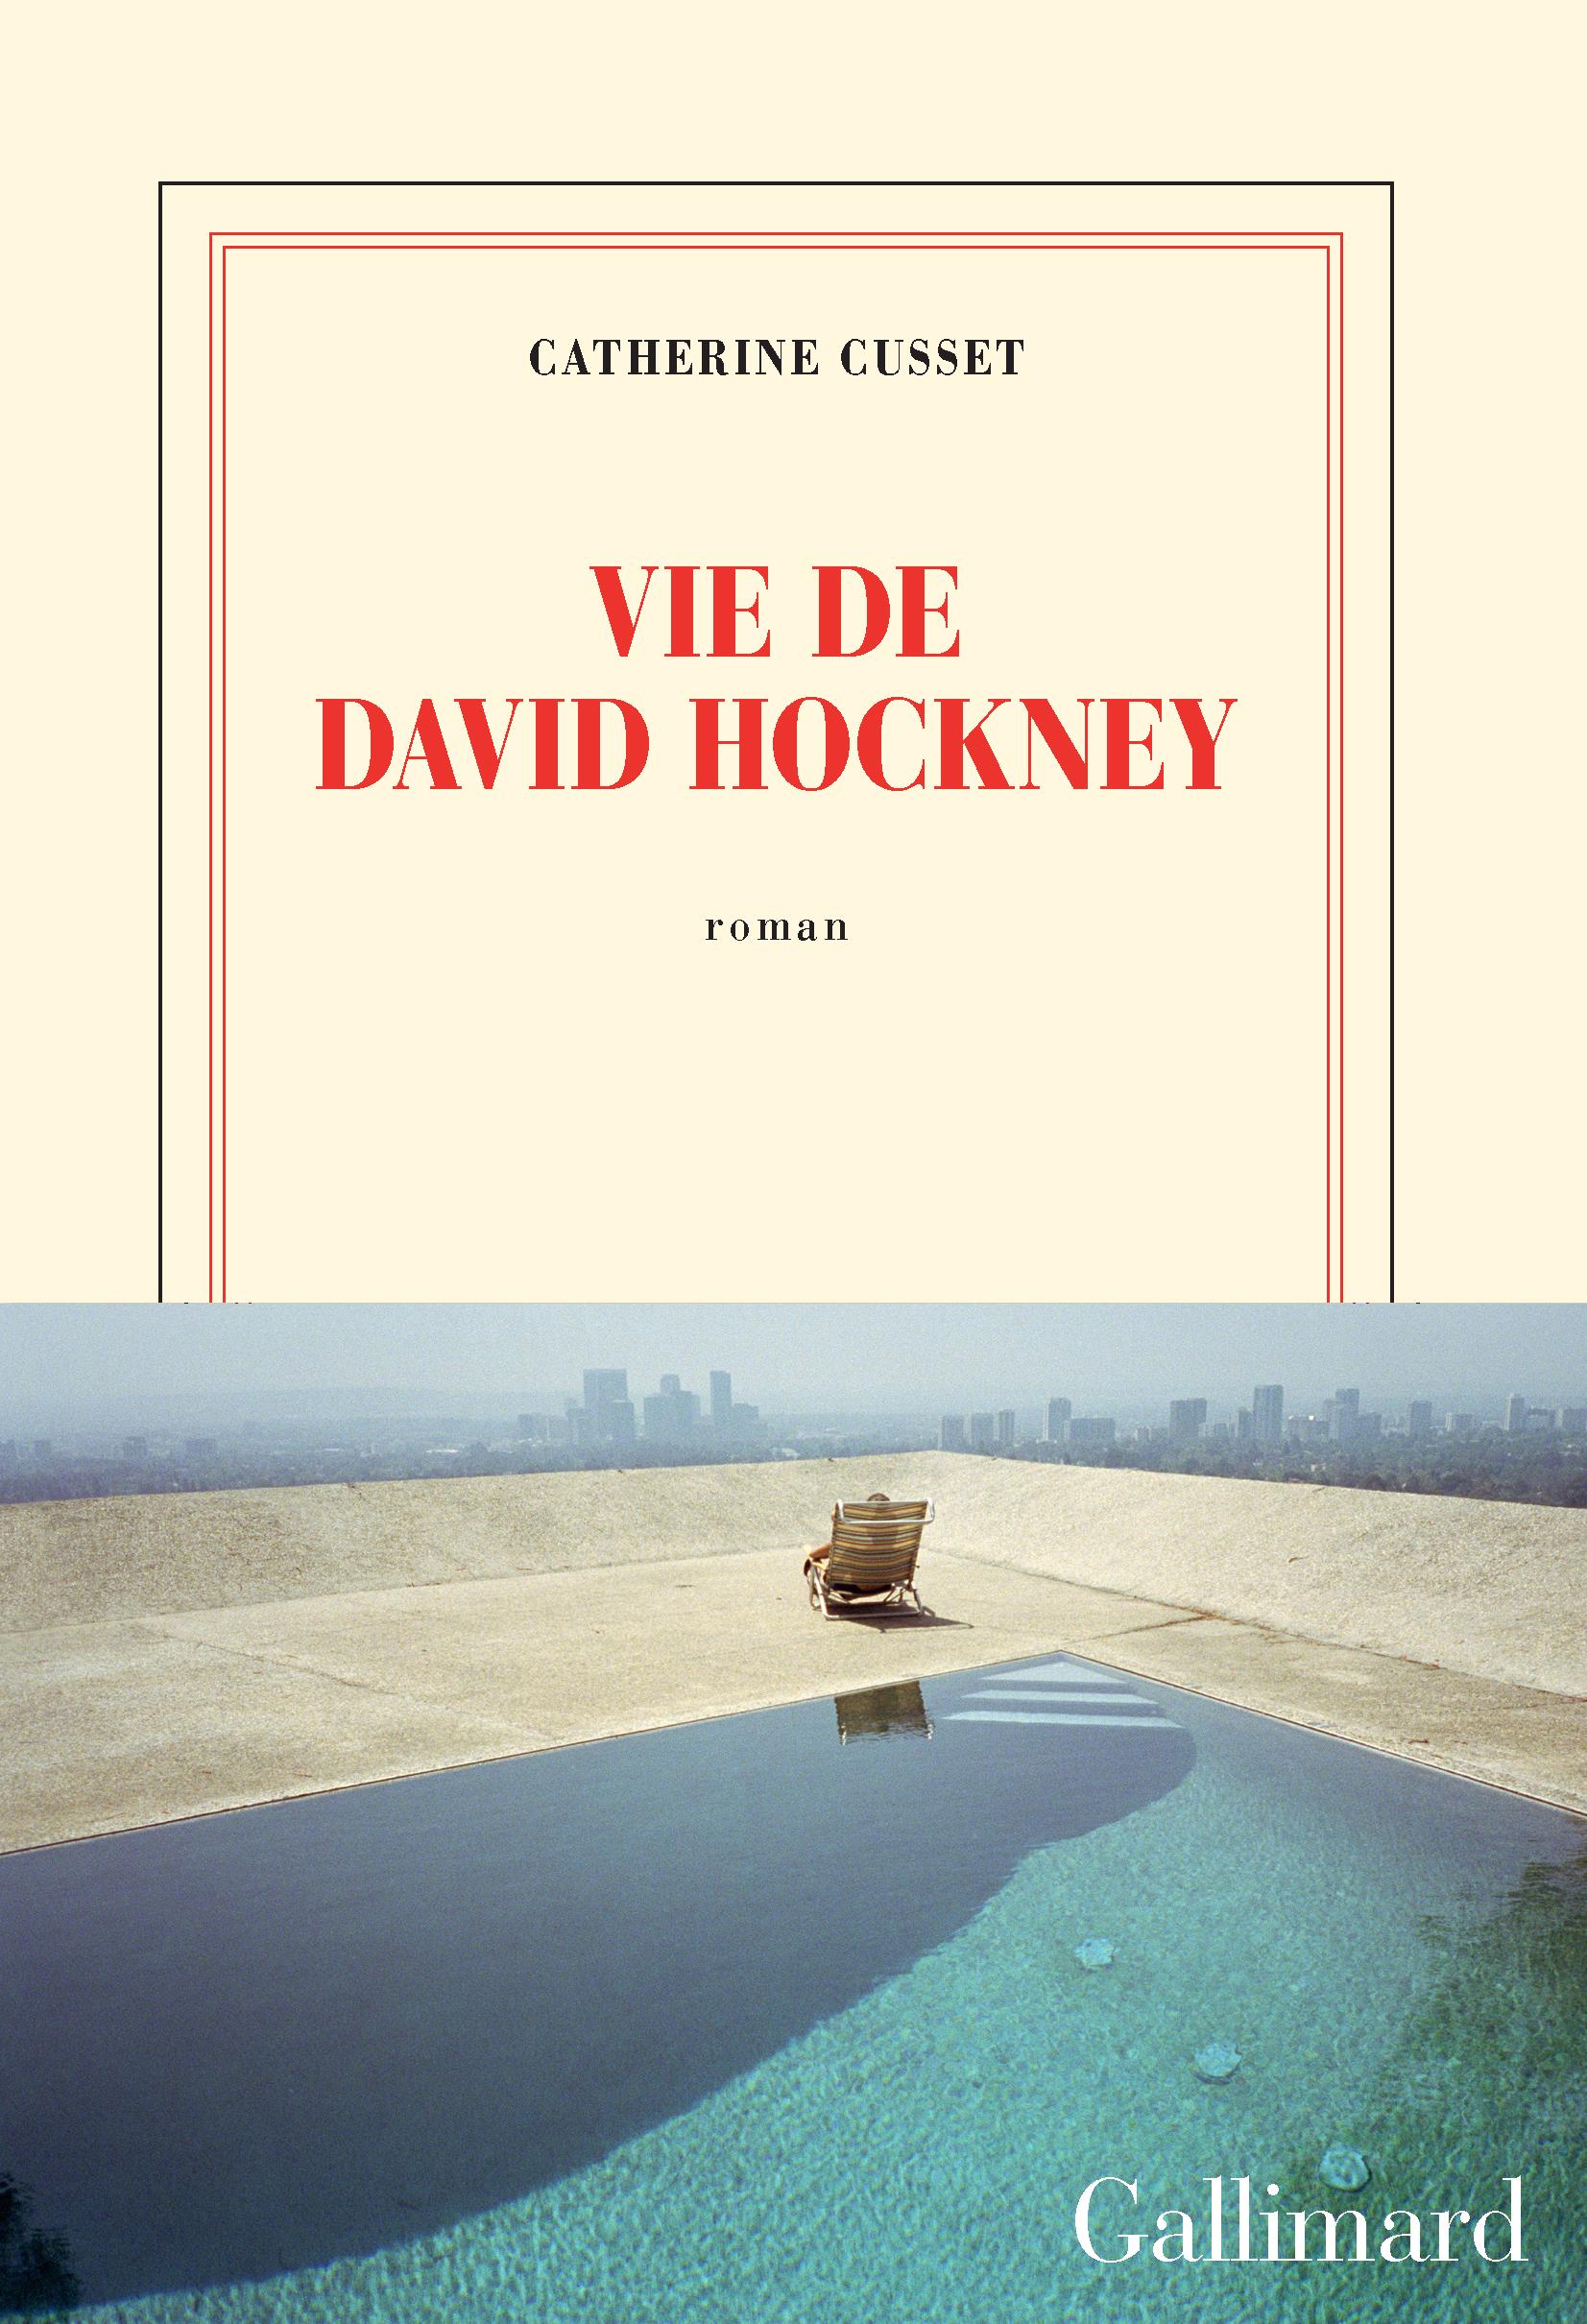 Vie de David Hockney |